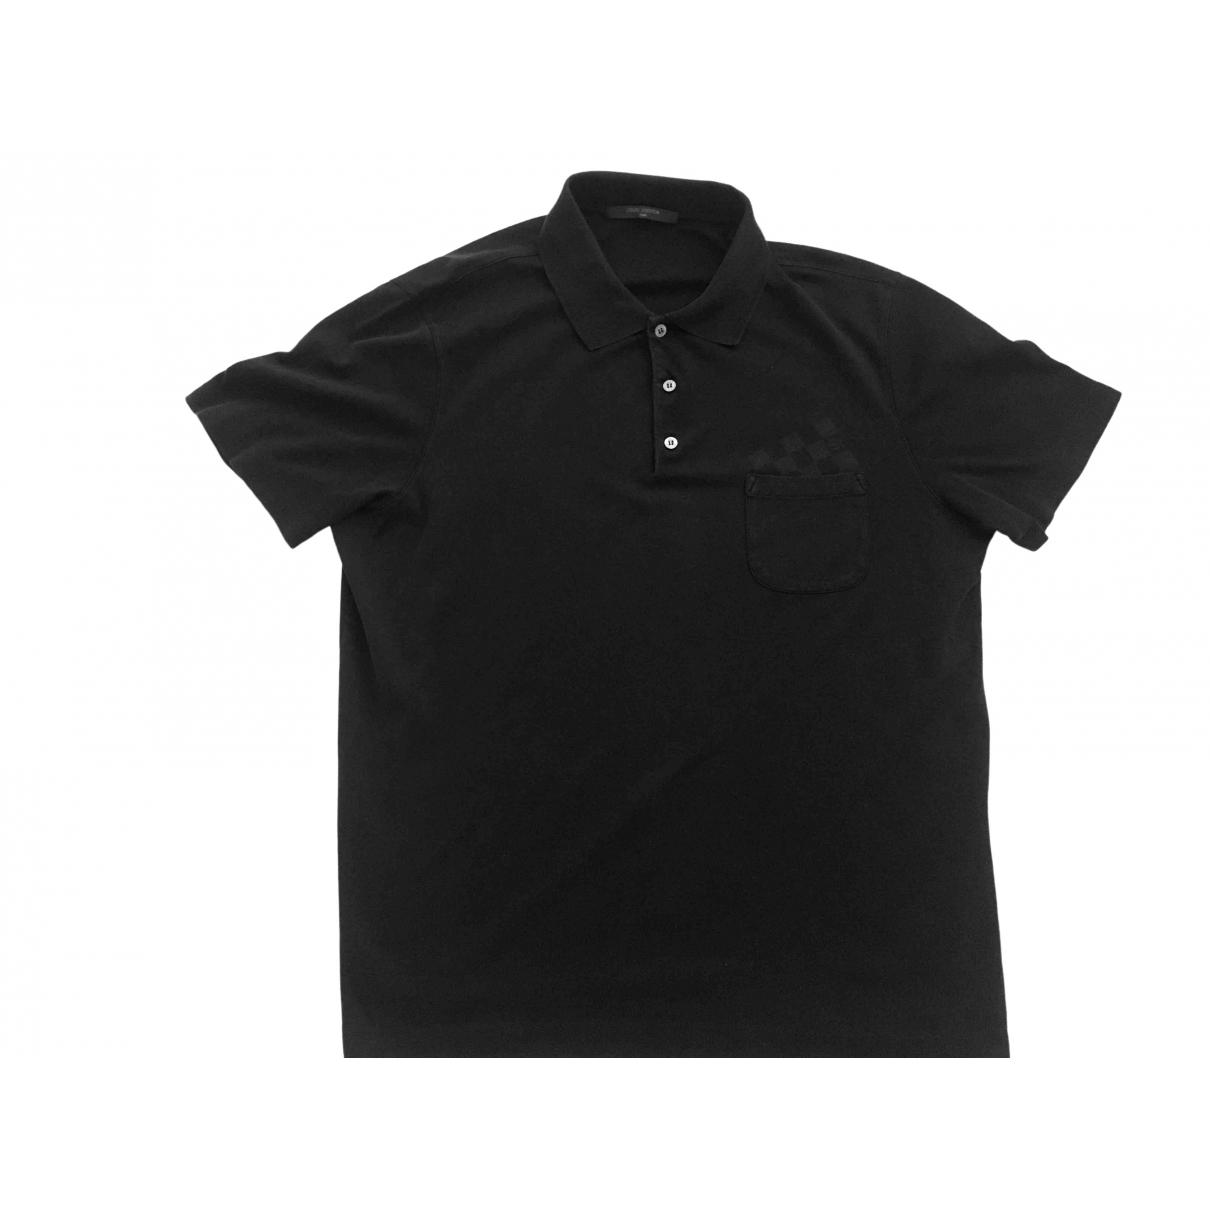 Louis Vuitton \N Poloshirts in  Schwarz Baumwolle